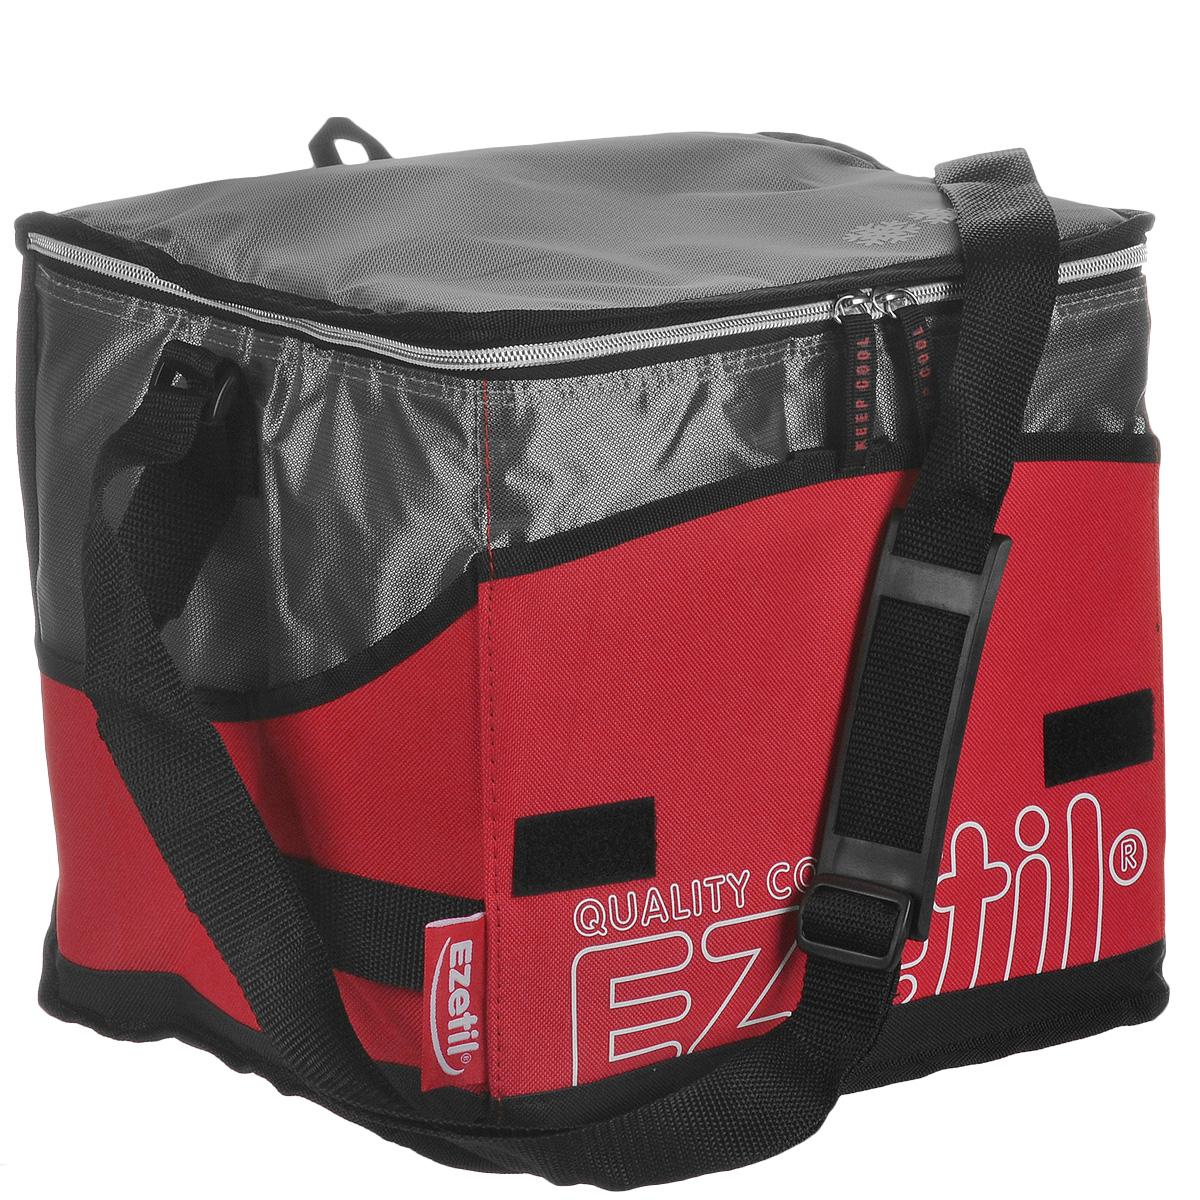 Сумка-холодильник Ezetil KC Extreme, цвет: красный, 16 л ezetil kc extreme 16